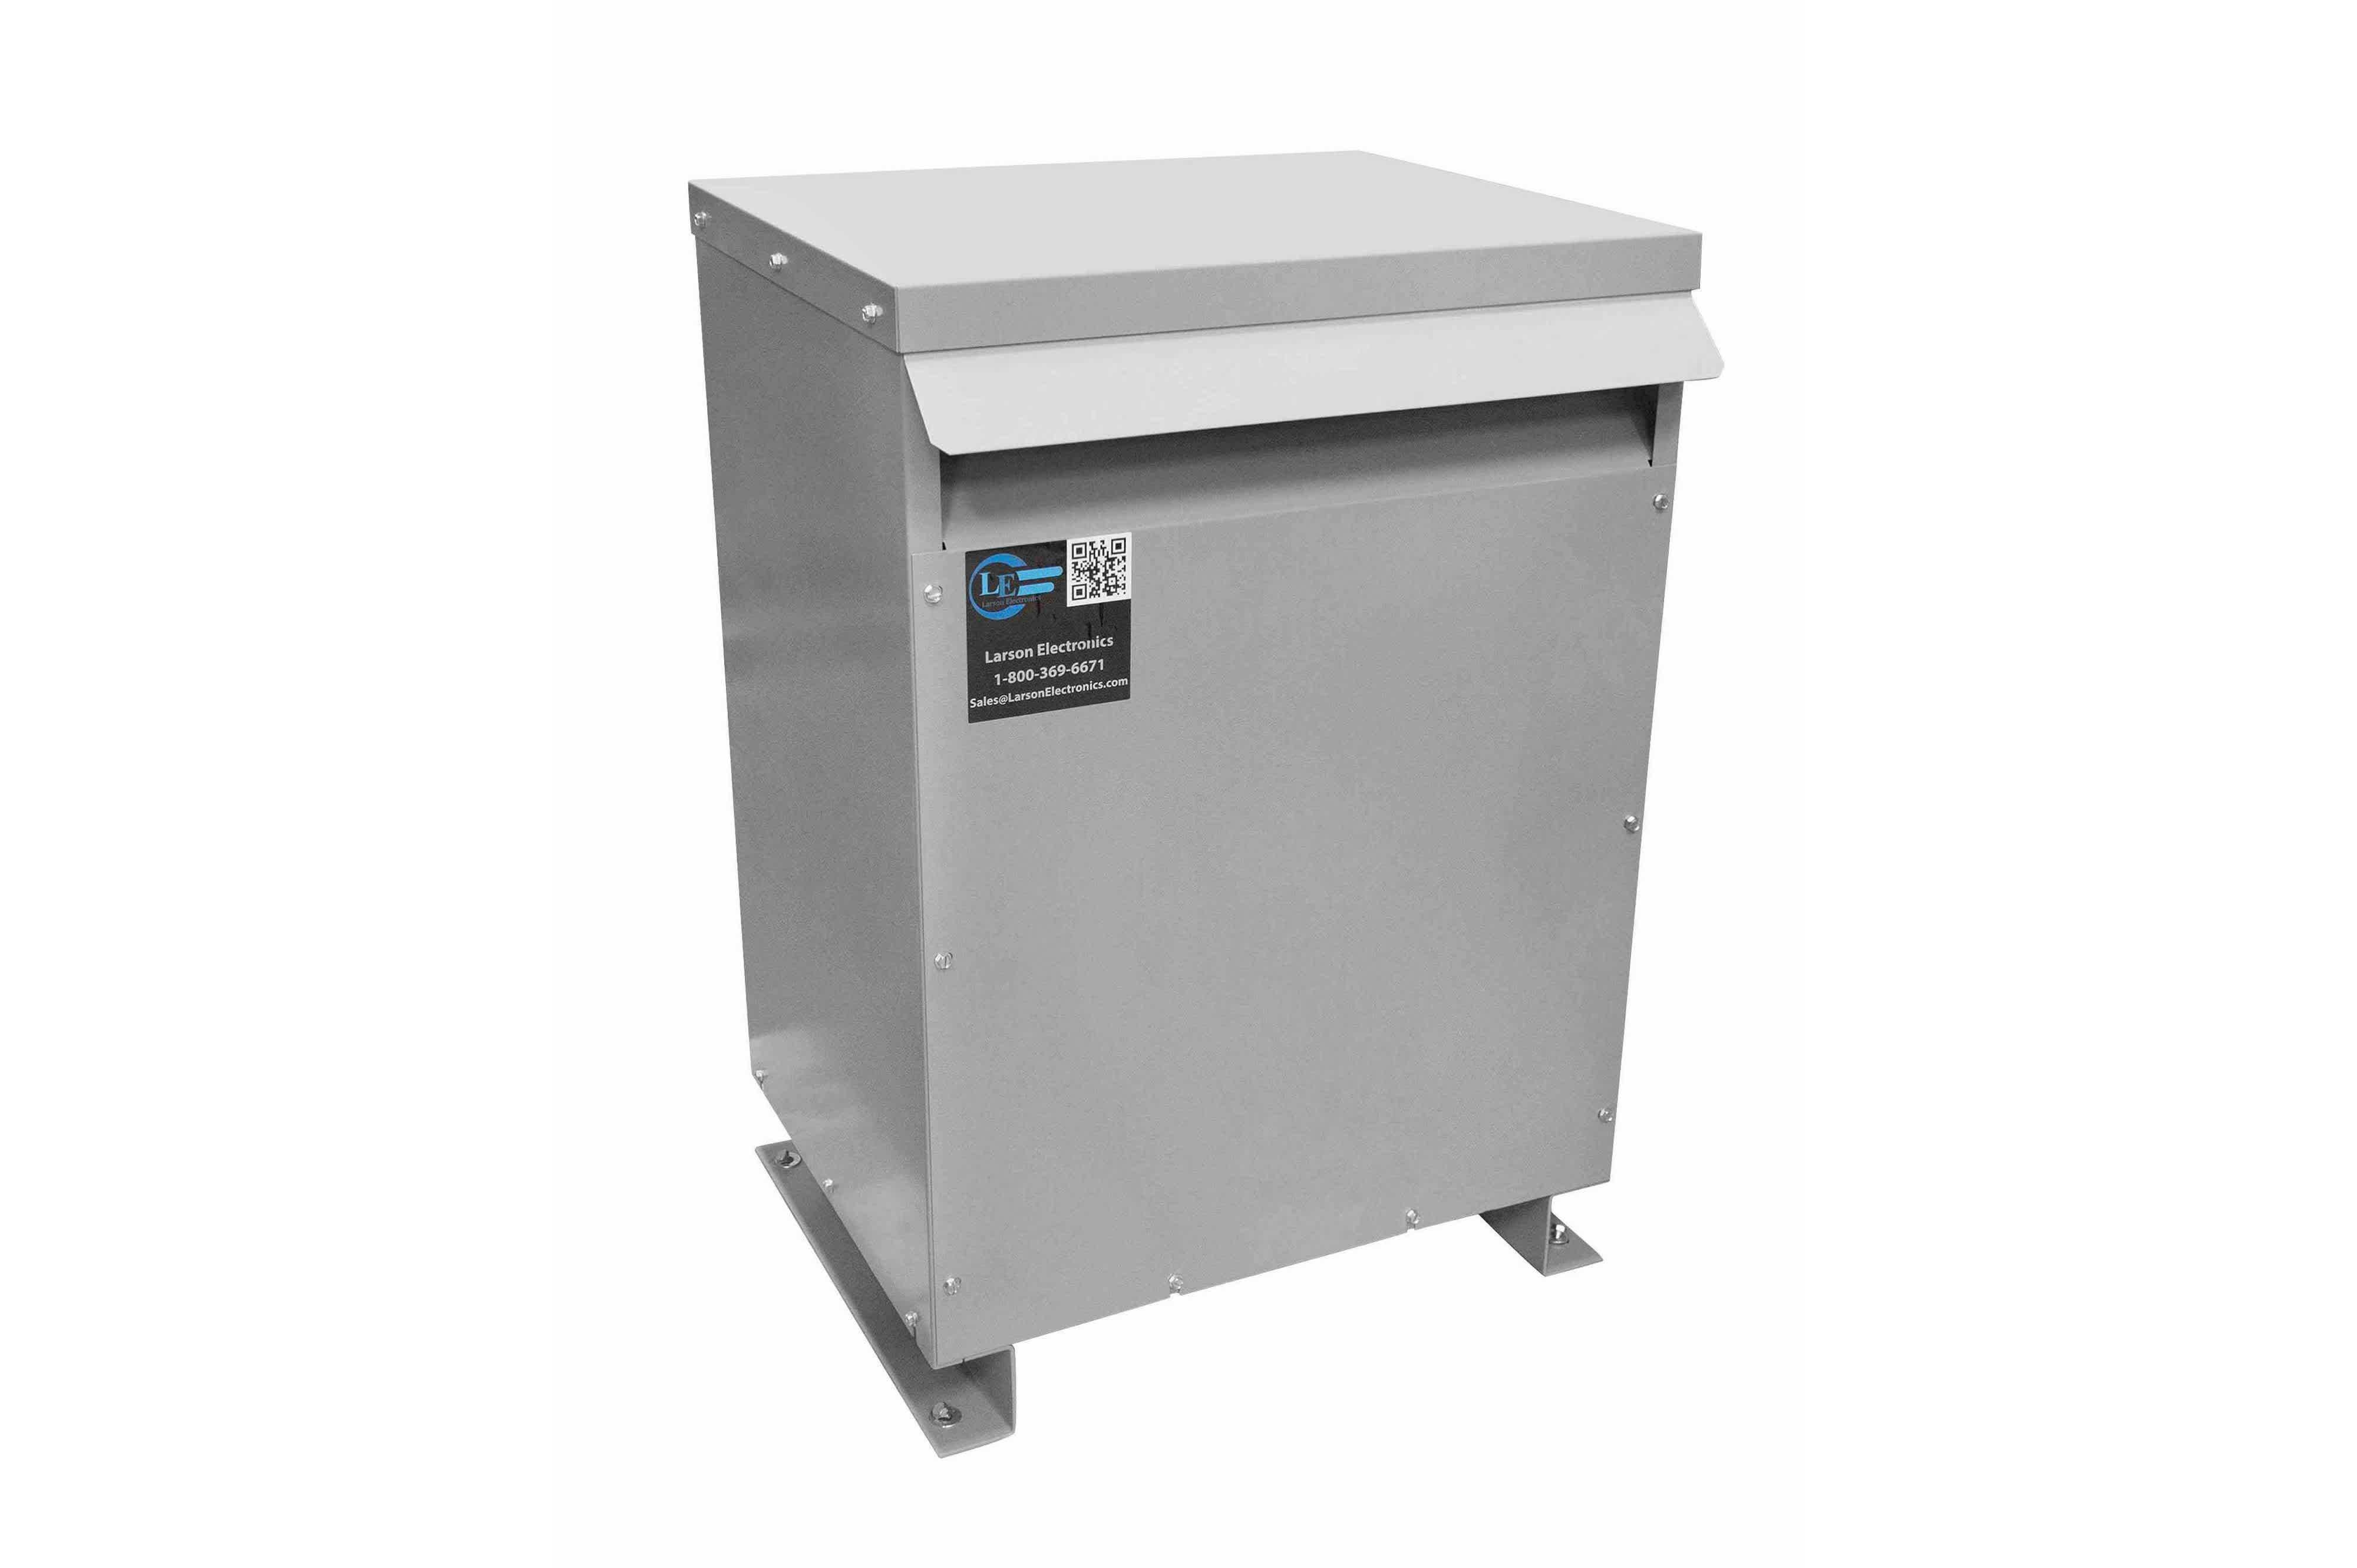 38 kVA 3PH DOE Transformer, 460V Delta Primary, 240V/120 Delta Secondary, N3R, Ventilated, 60 Hz